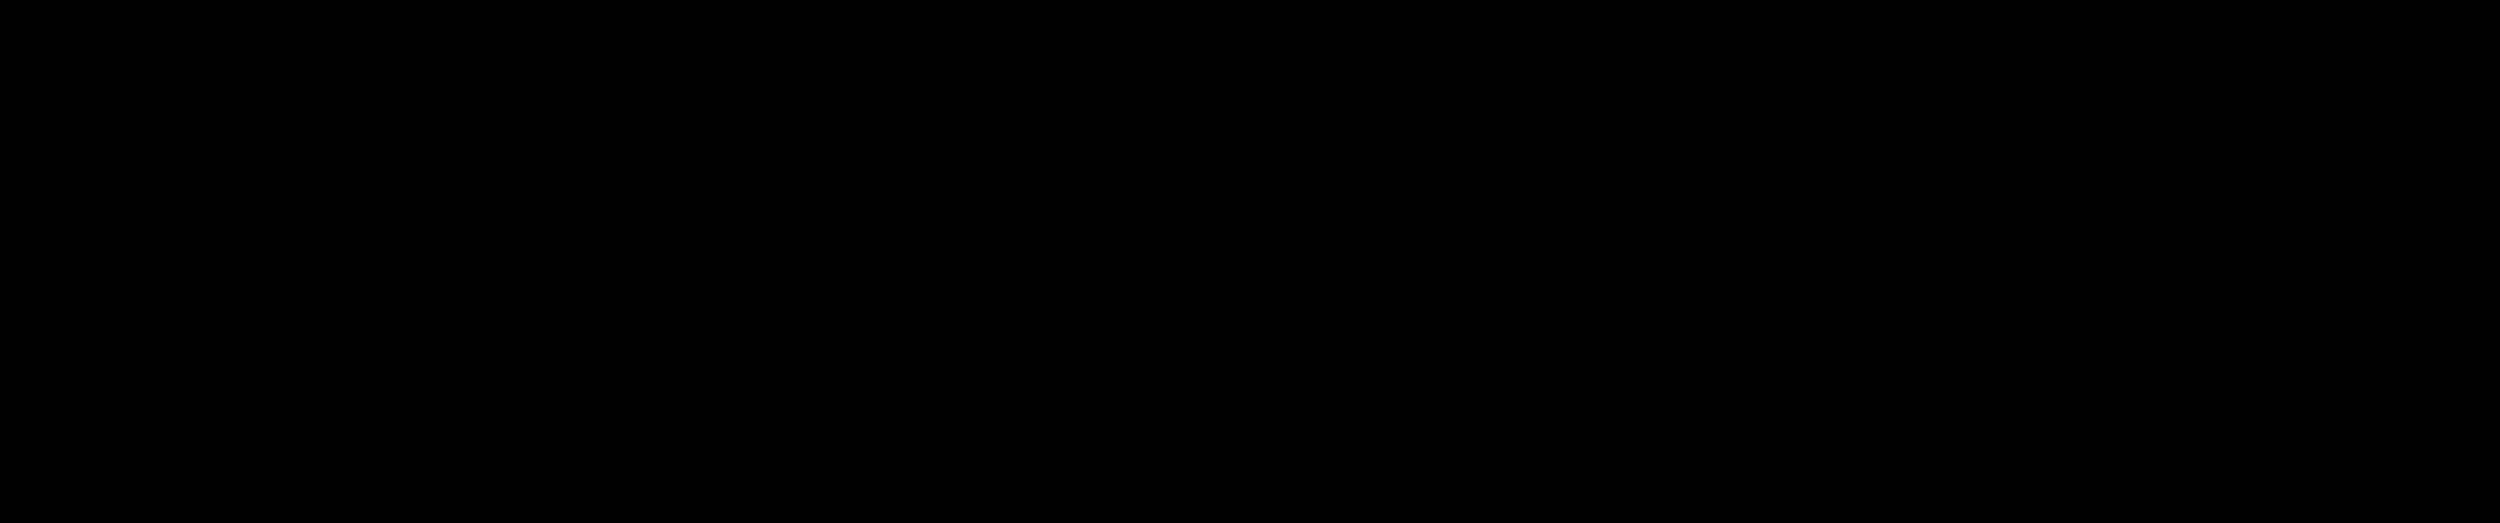 R24_Logo-11.png